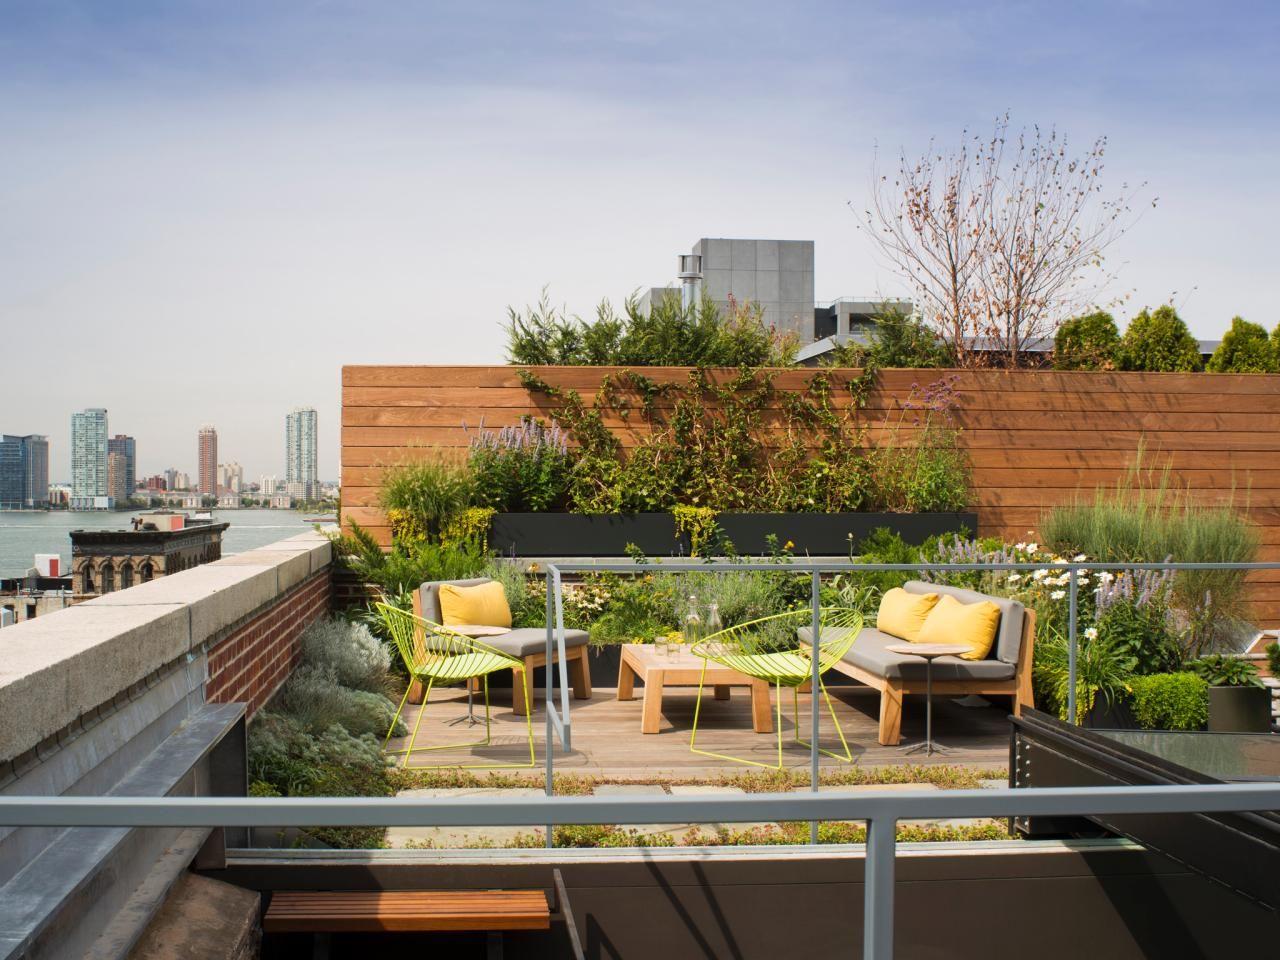 Urban Rooftop Deck Garden Rooftop Terrace Design Rooftop Patio Patio Landscaping